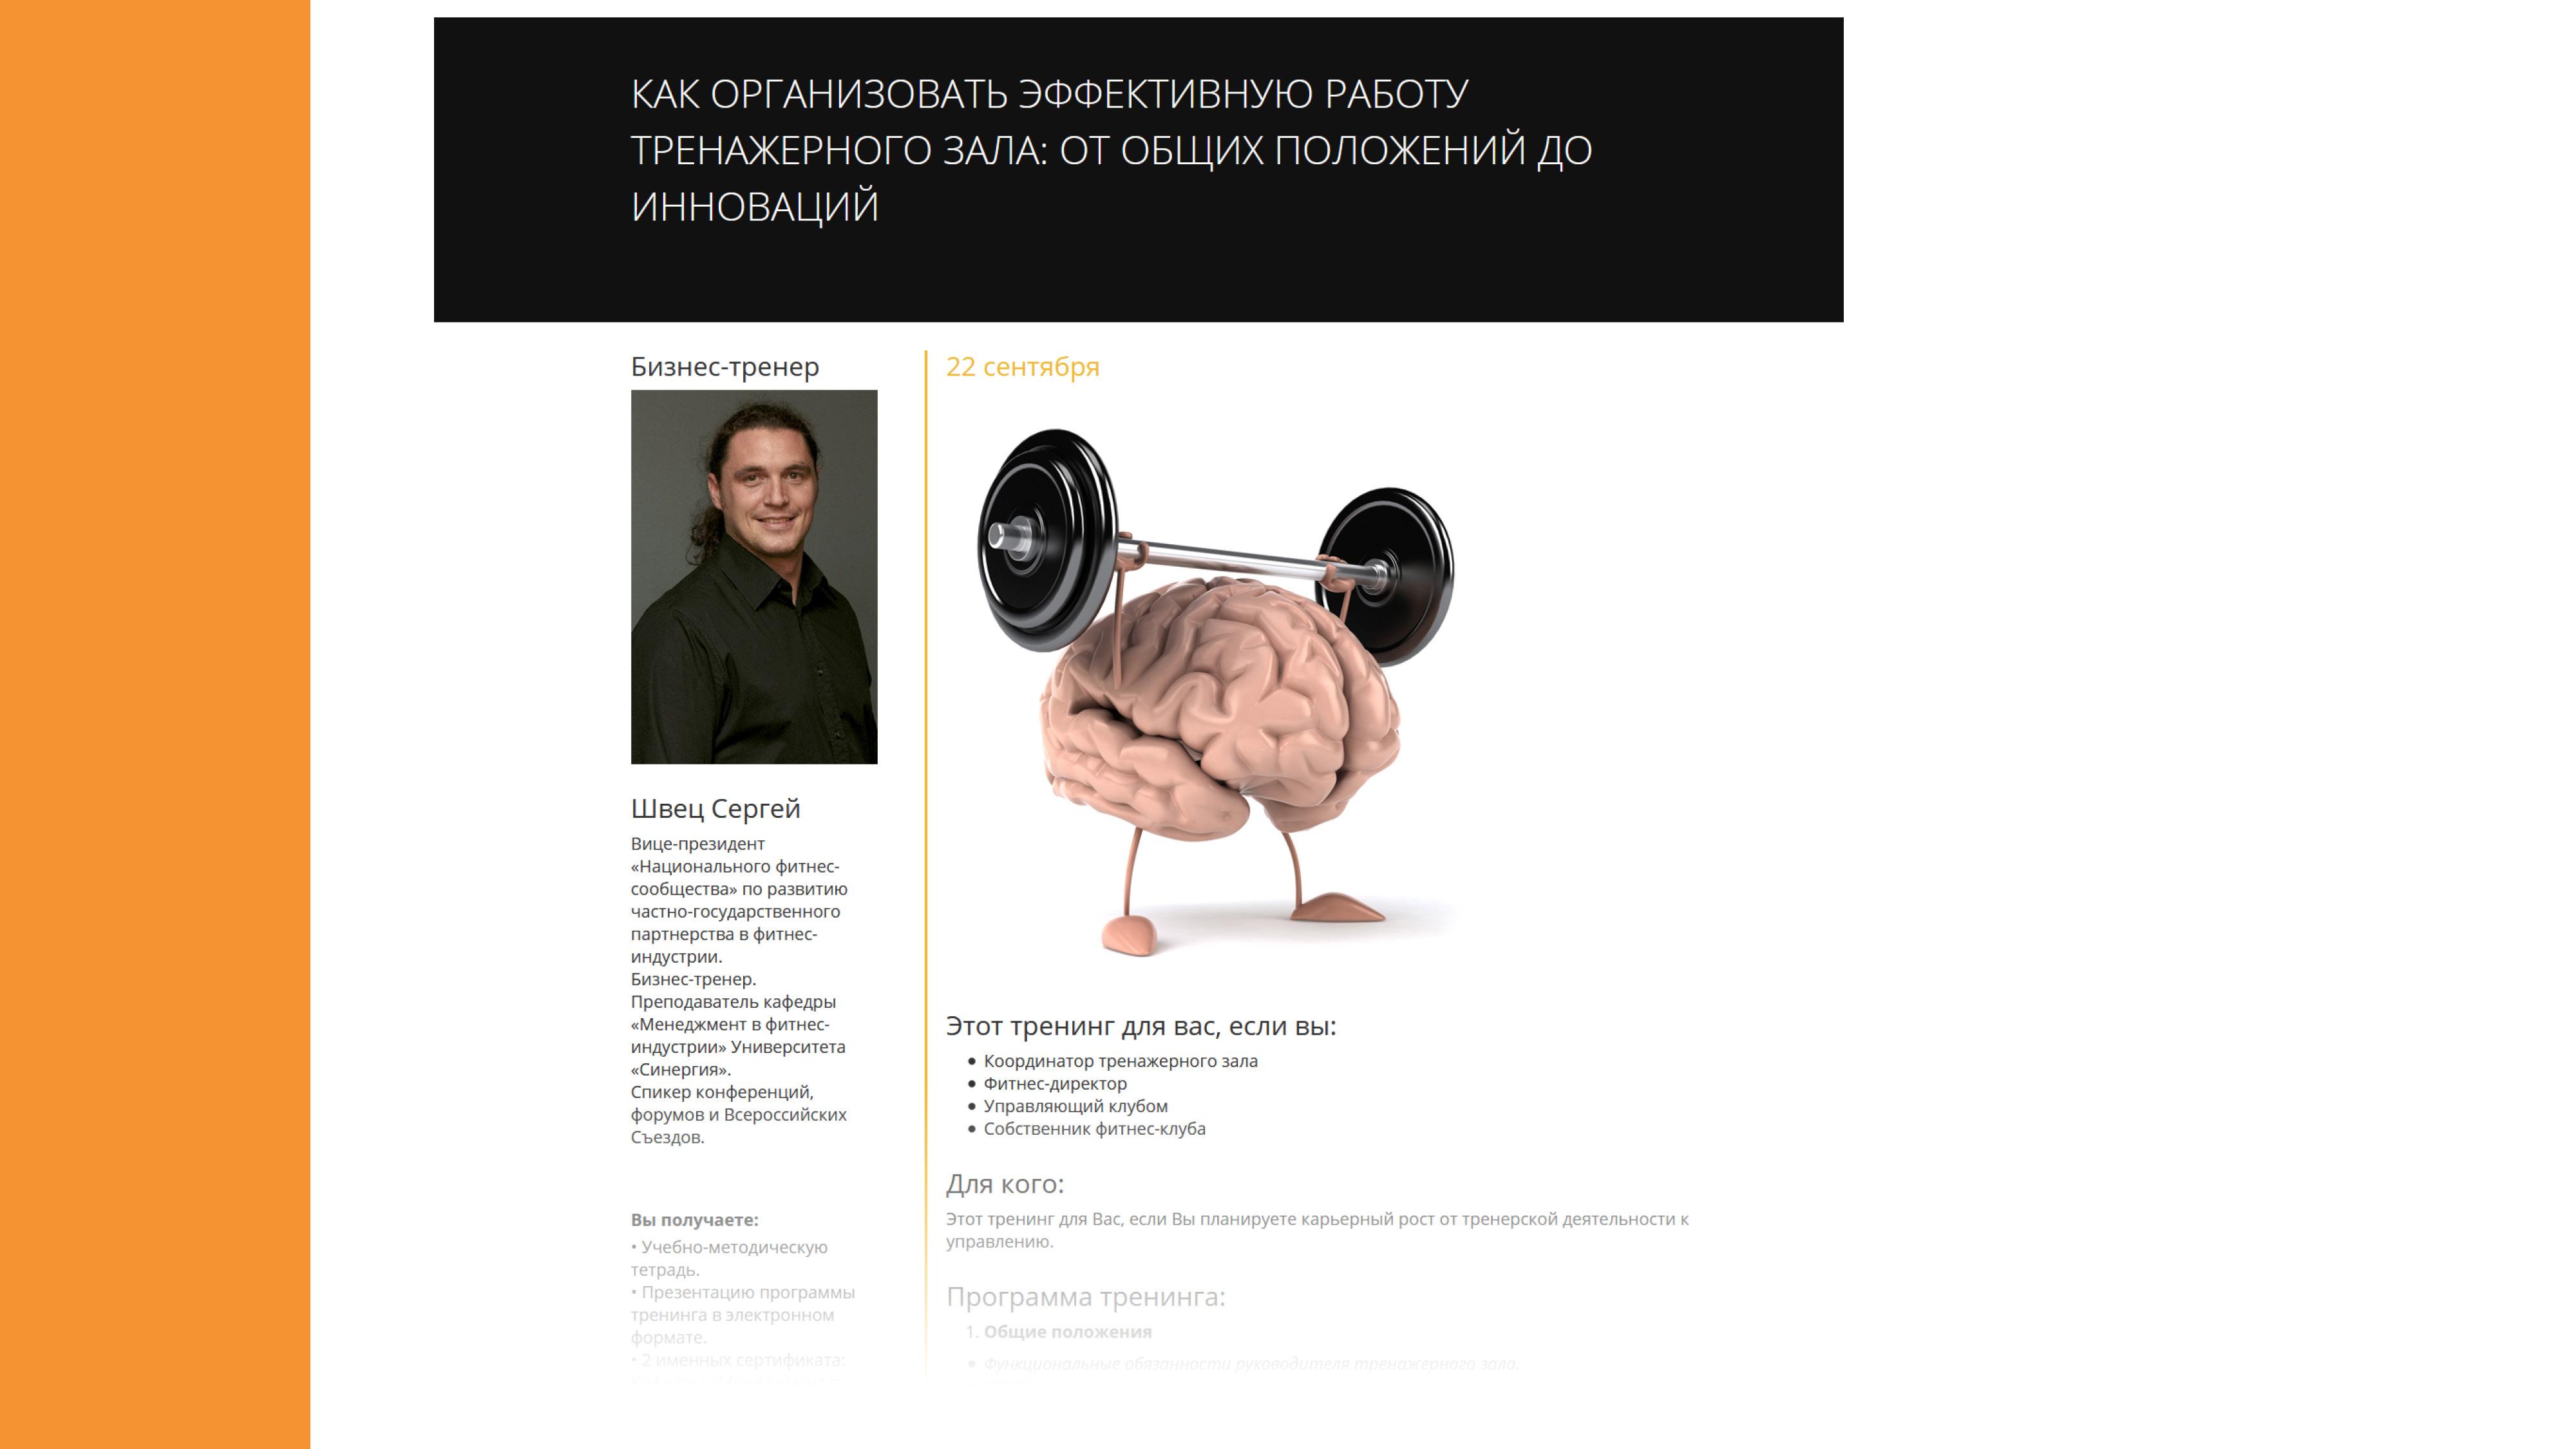 Nikolay_Mironov_-_Integratsia_platezhnoy_sistemy_odnoy_knopkoy_Страница_03